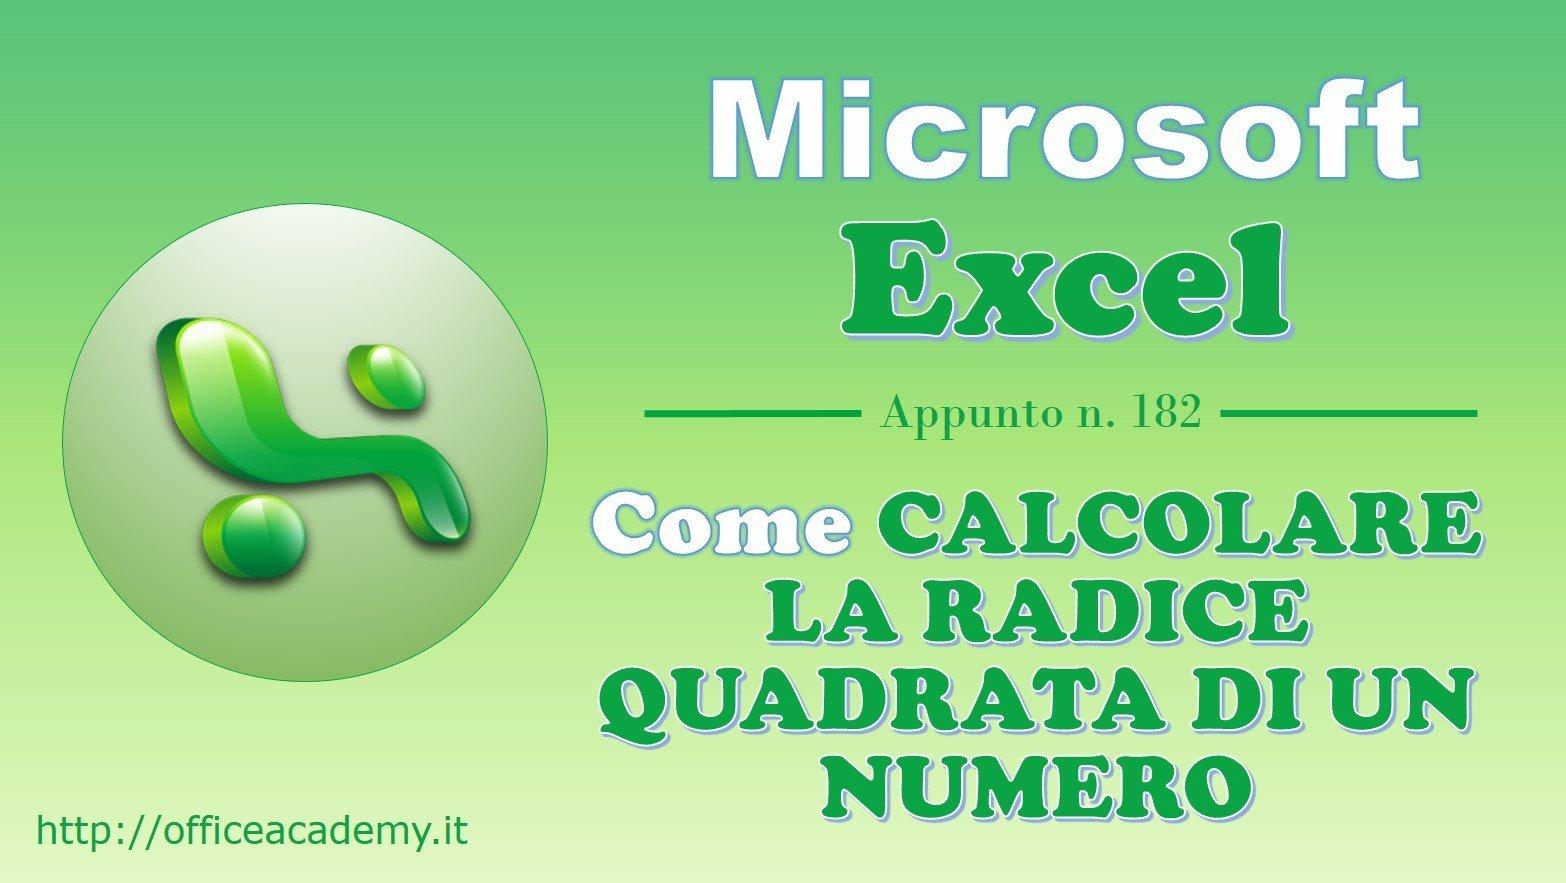 #Excel - Come calcolare la radice quadrata di un numero [Quick Tip] 2